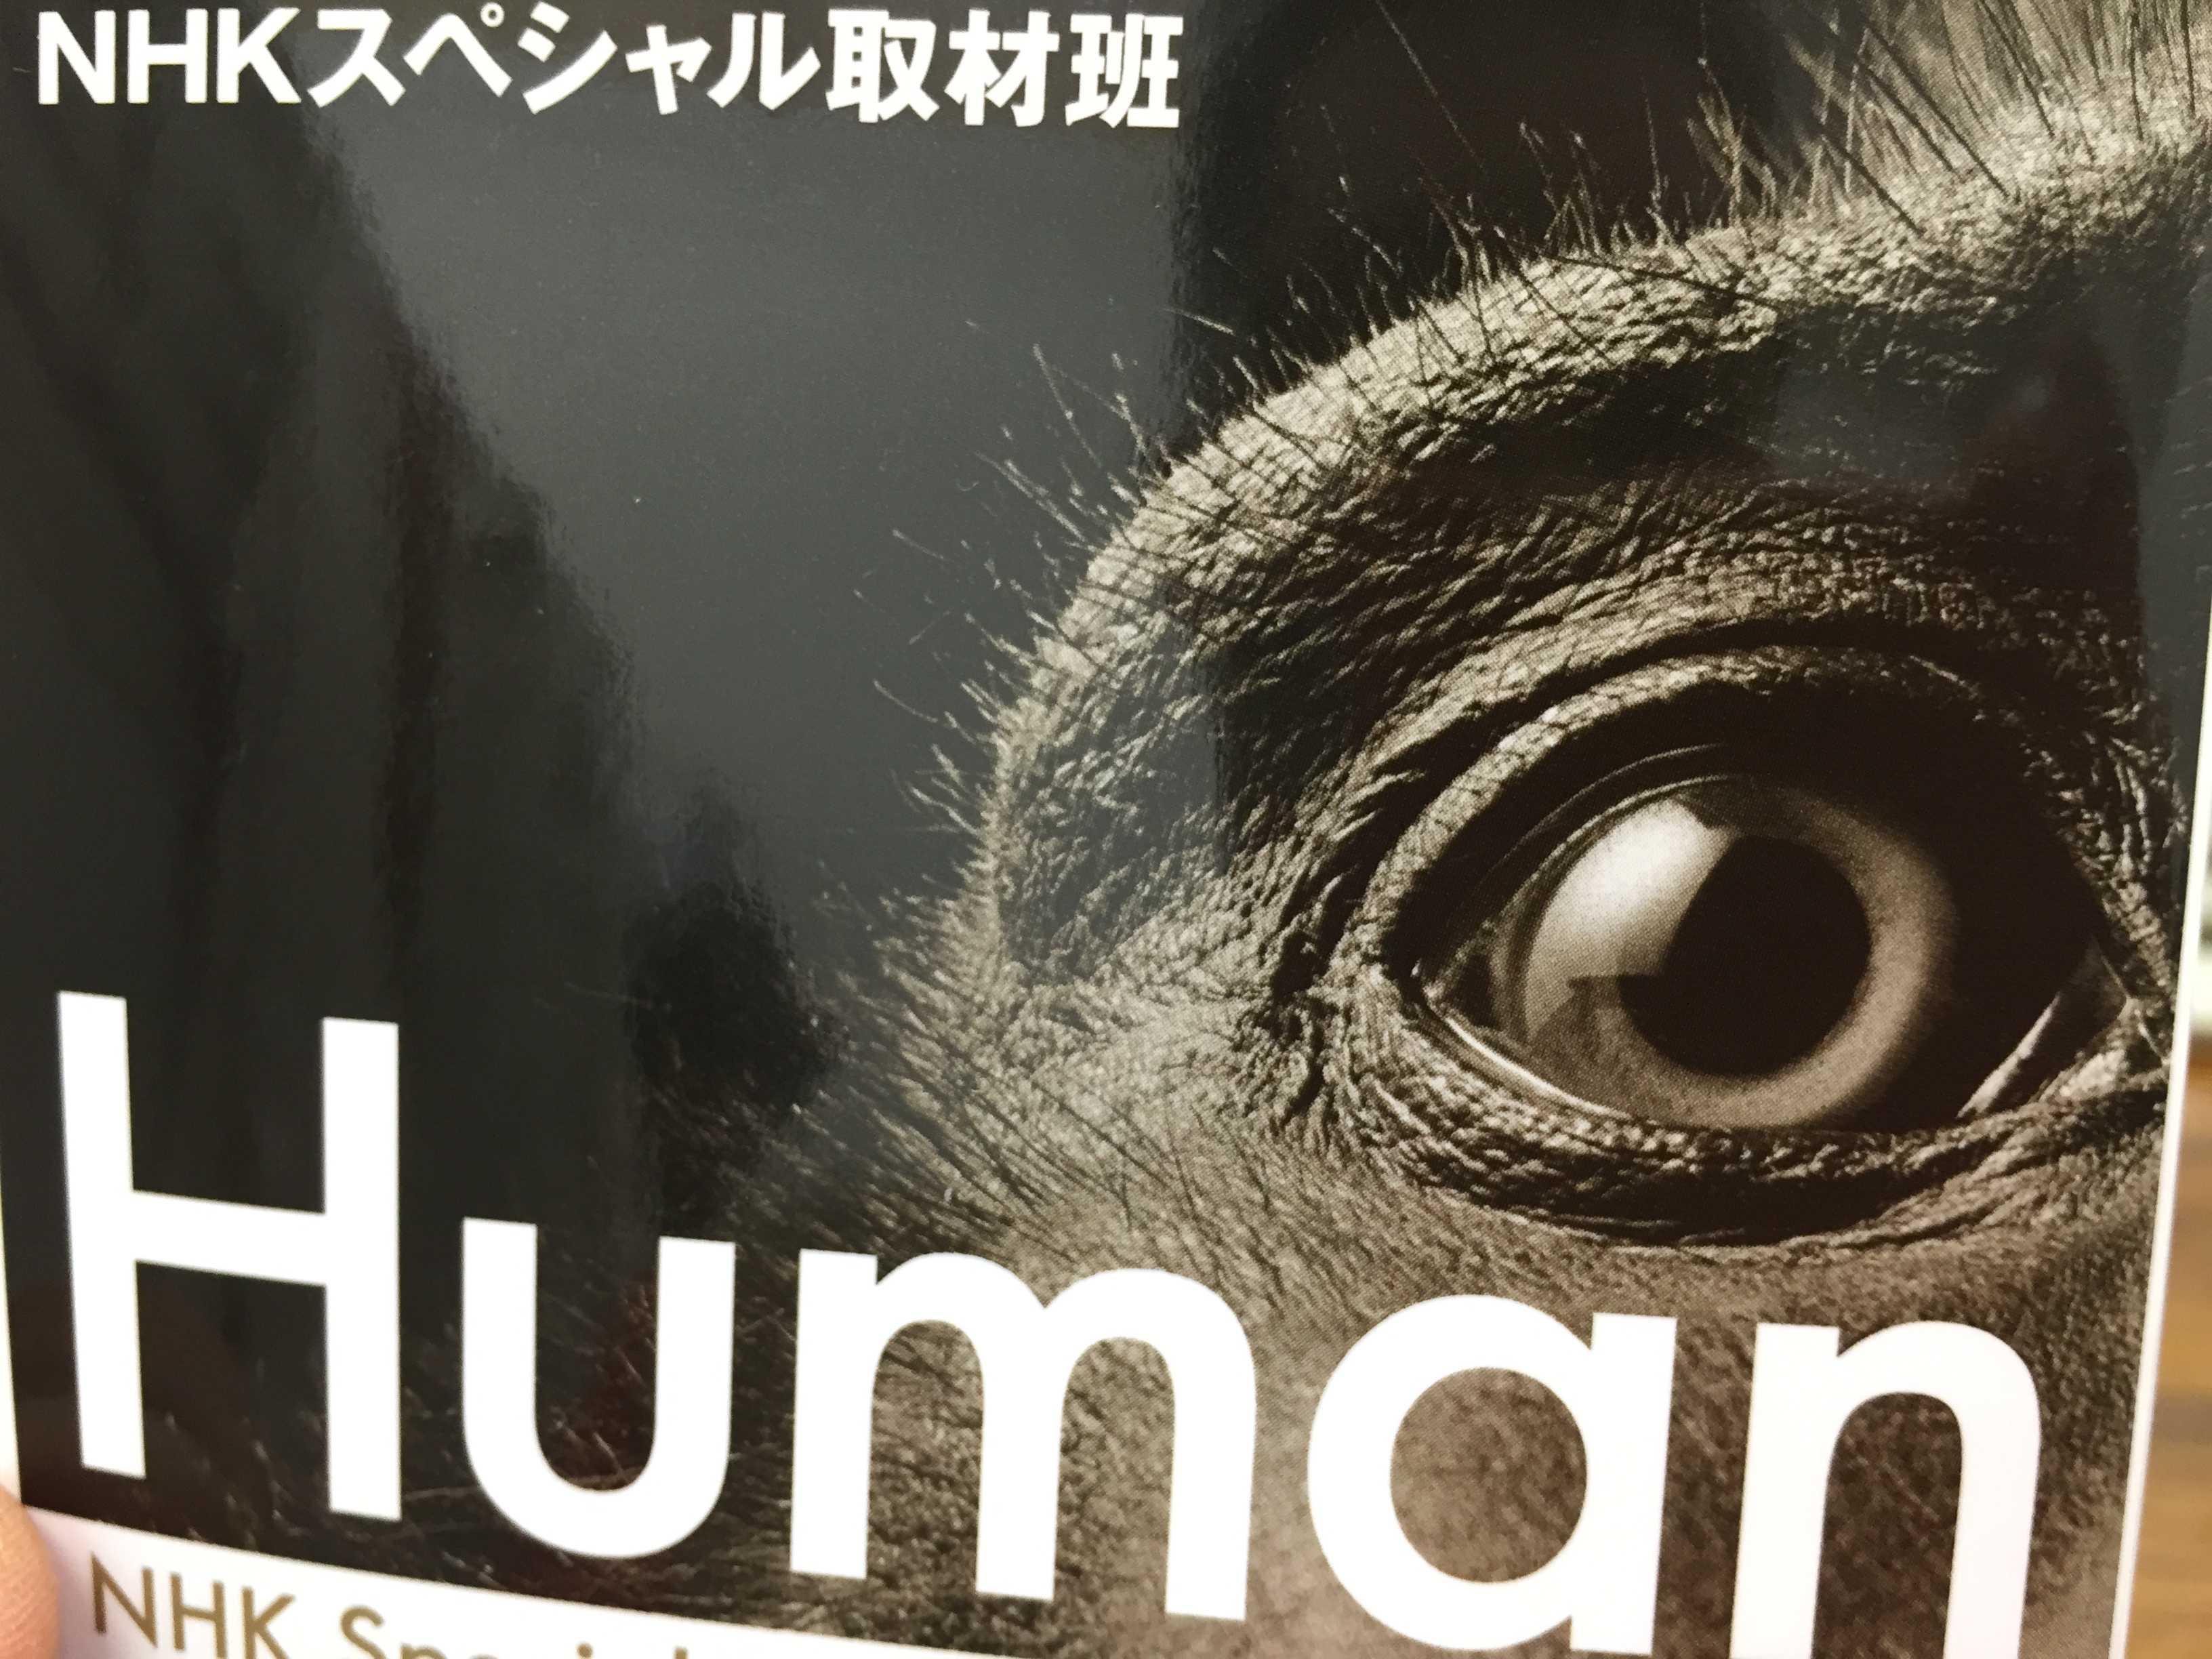 「ヒューマン なぜヒトは人間になれたのか」 NHKスペシャル取材班